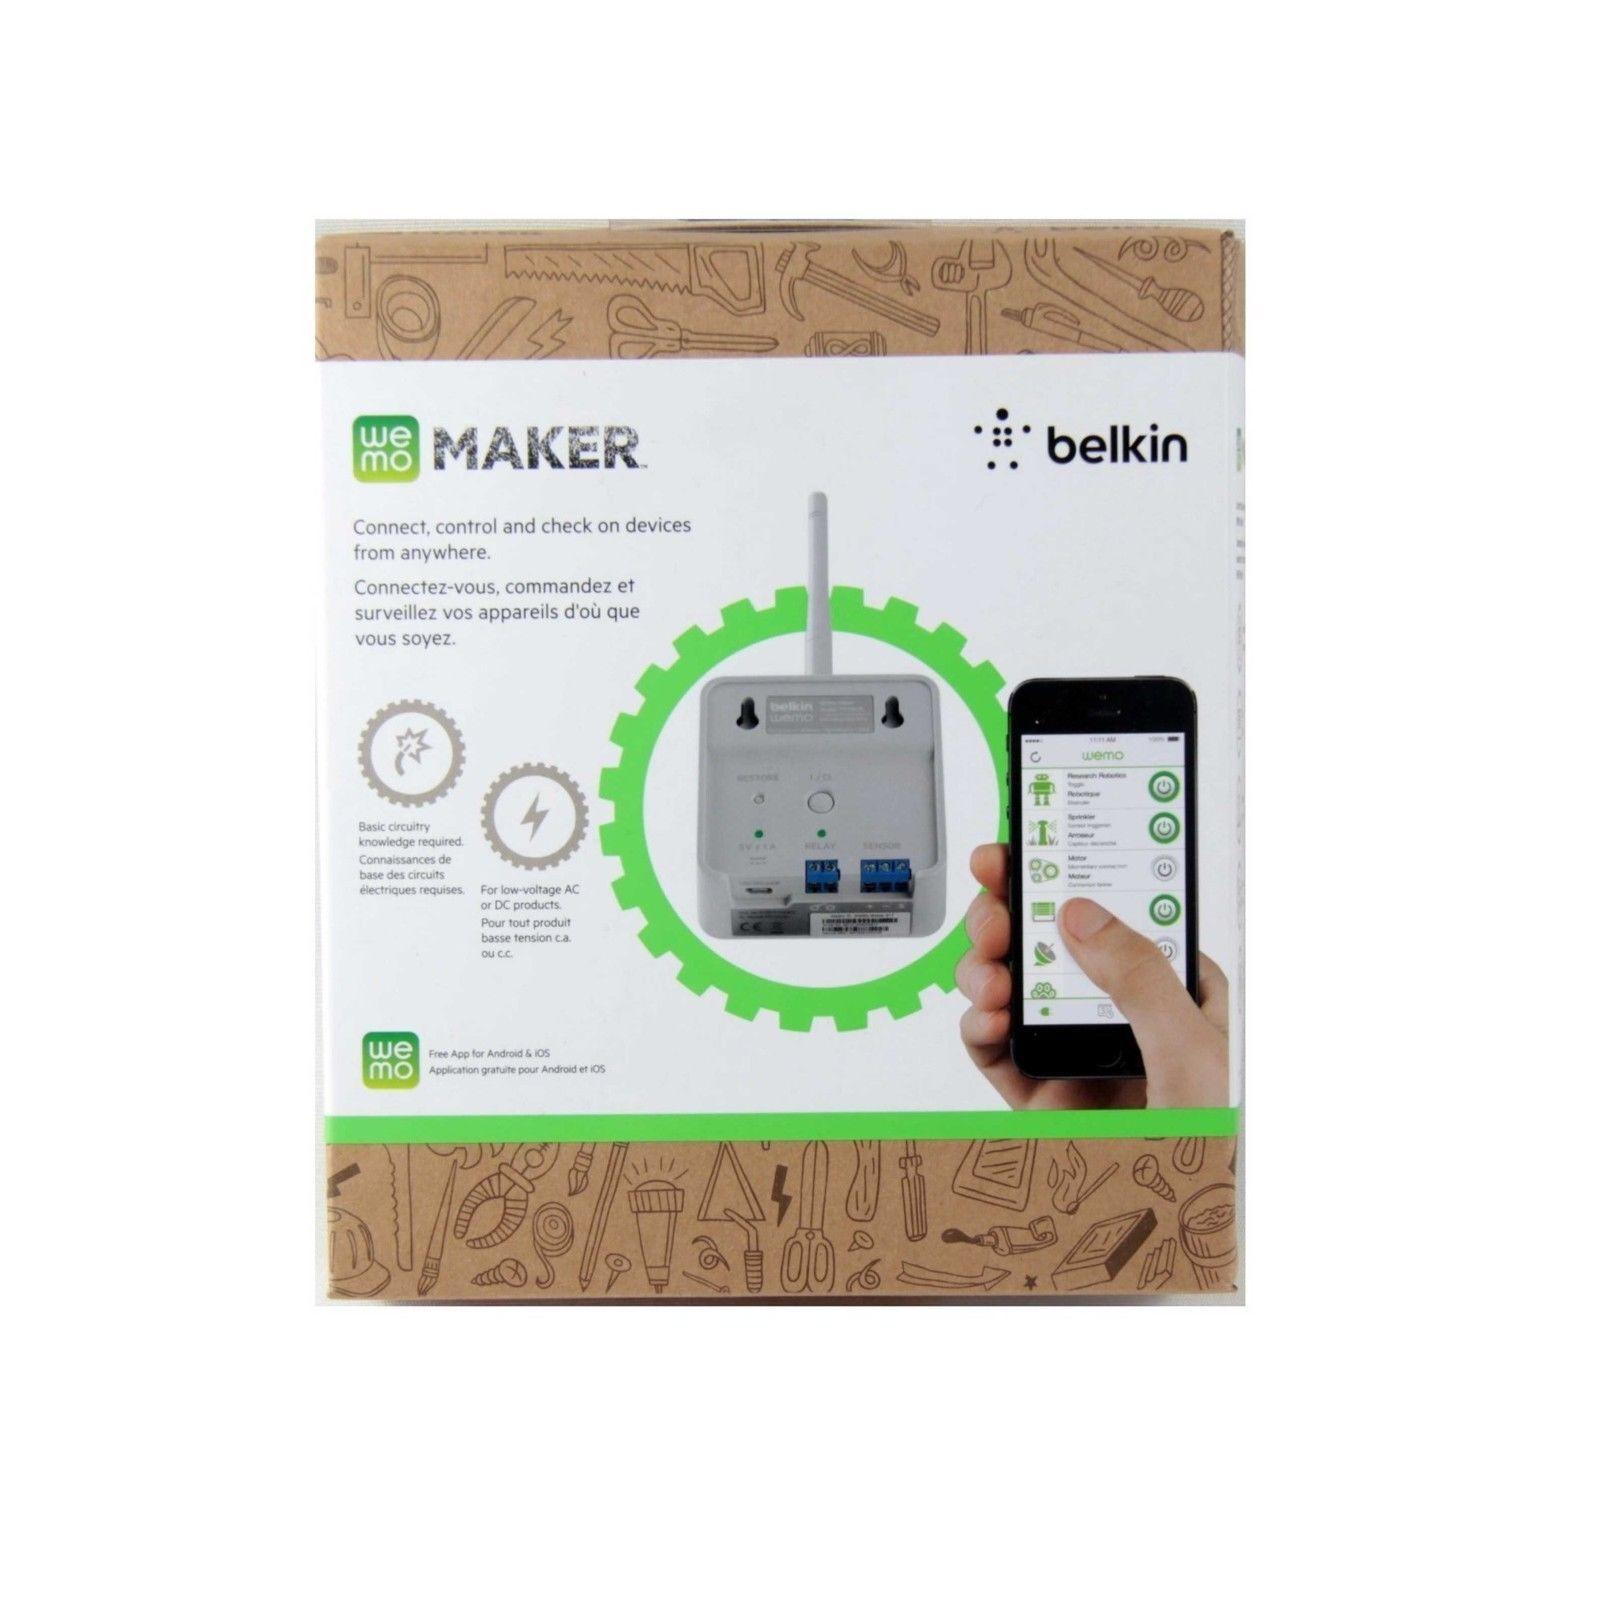 belkin wemo maker home automation wifi enabling appliance modulebelkin wemo maker home automation wifi enabling appliance module ifttt f7c043au for sale online ebay